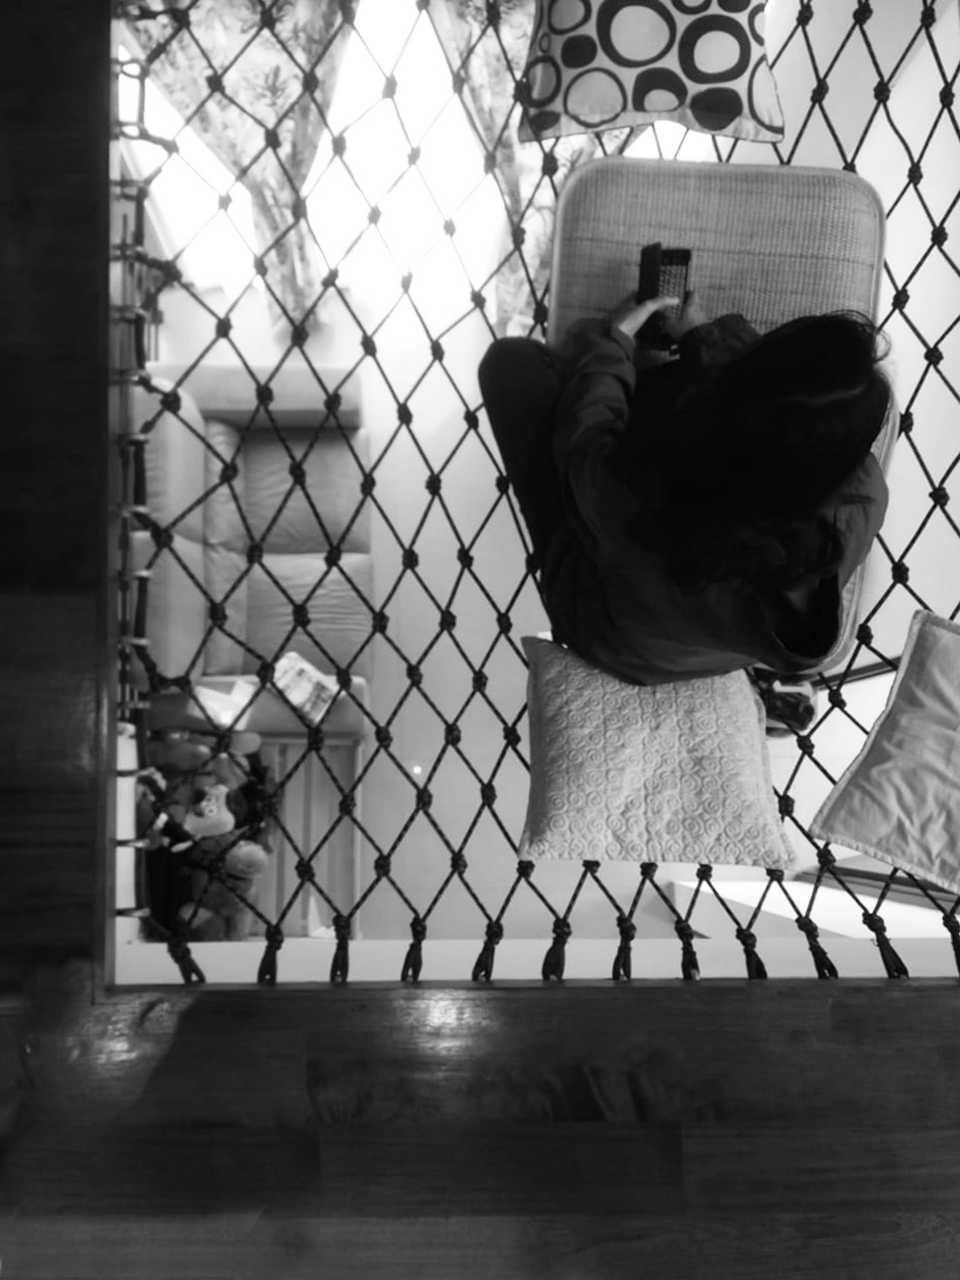 Atelier Ara Rumah Gerlong Bandung, Kota Bandung, Jawa Barat, Indonesia Bandung, Kota Bandung, Jawa Barat, Indonesia Atelier-Ara-Rumah-Gerlong  80850